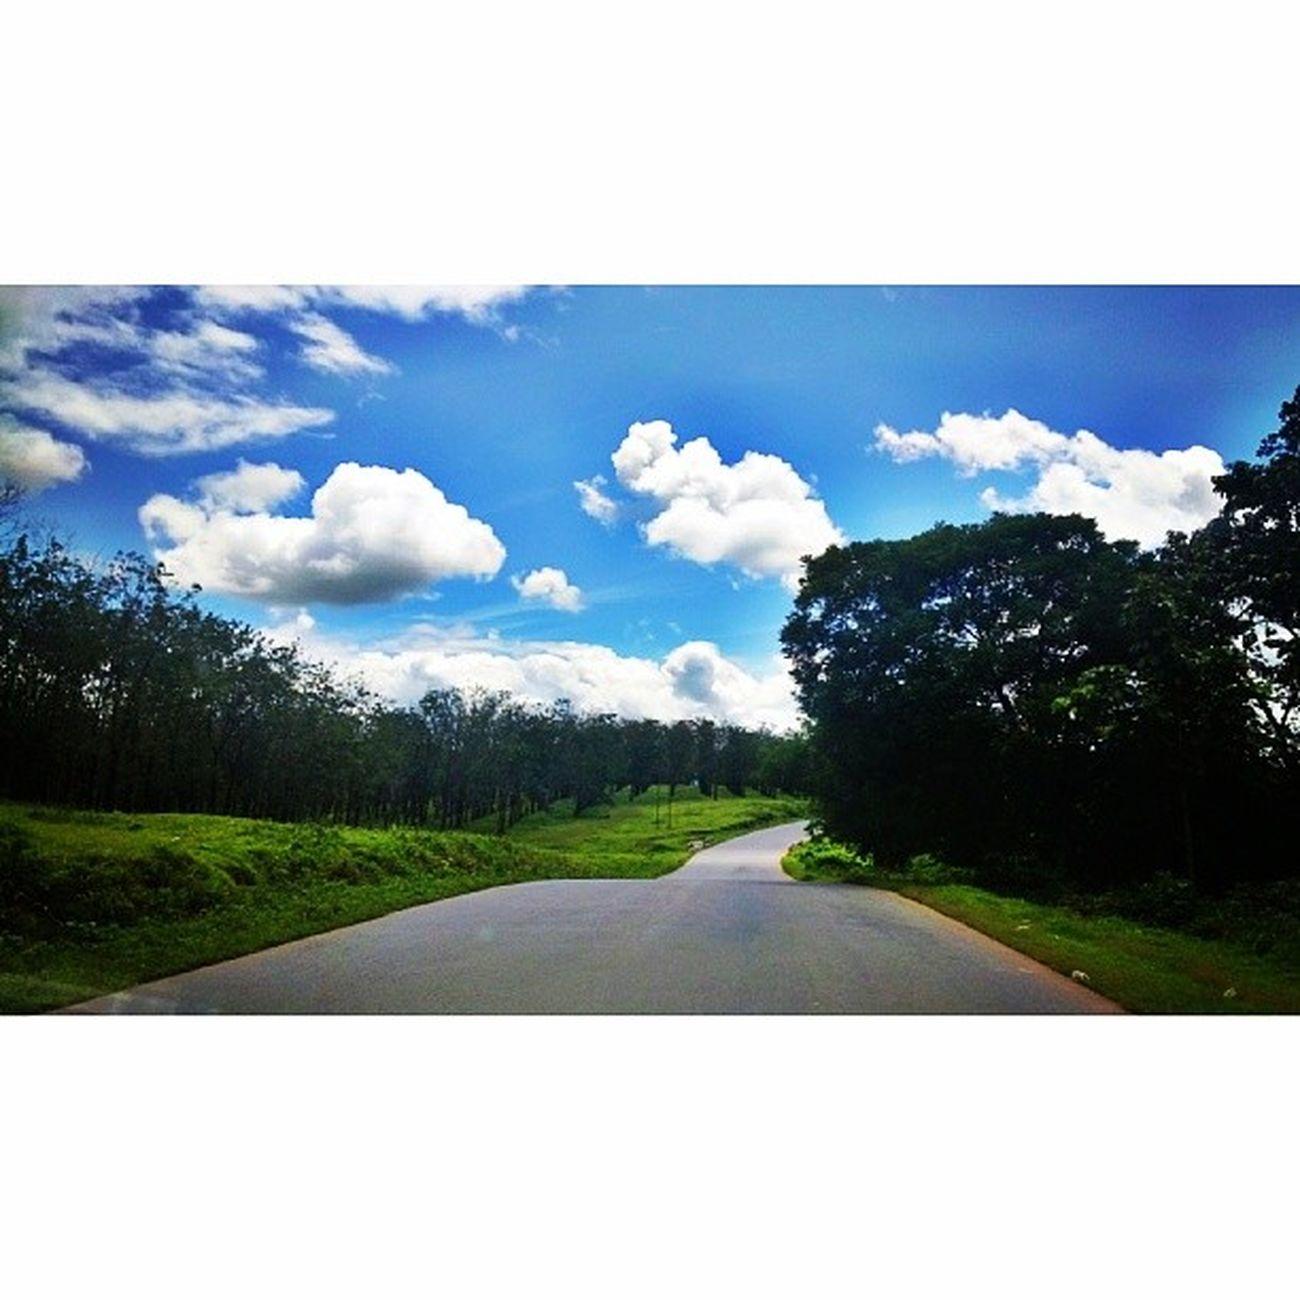 ခရီးသြားမိုးတိမ္ Jipsy Clouds Cloud Sky instatravel travelphotography travelgram igersmyanmar myanmar roadtrip